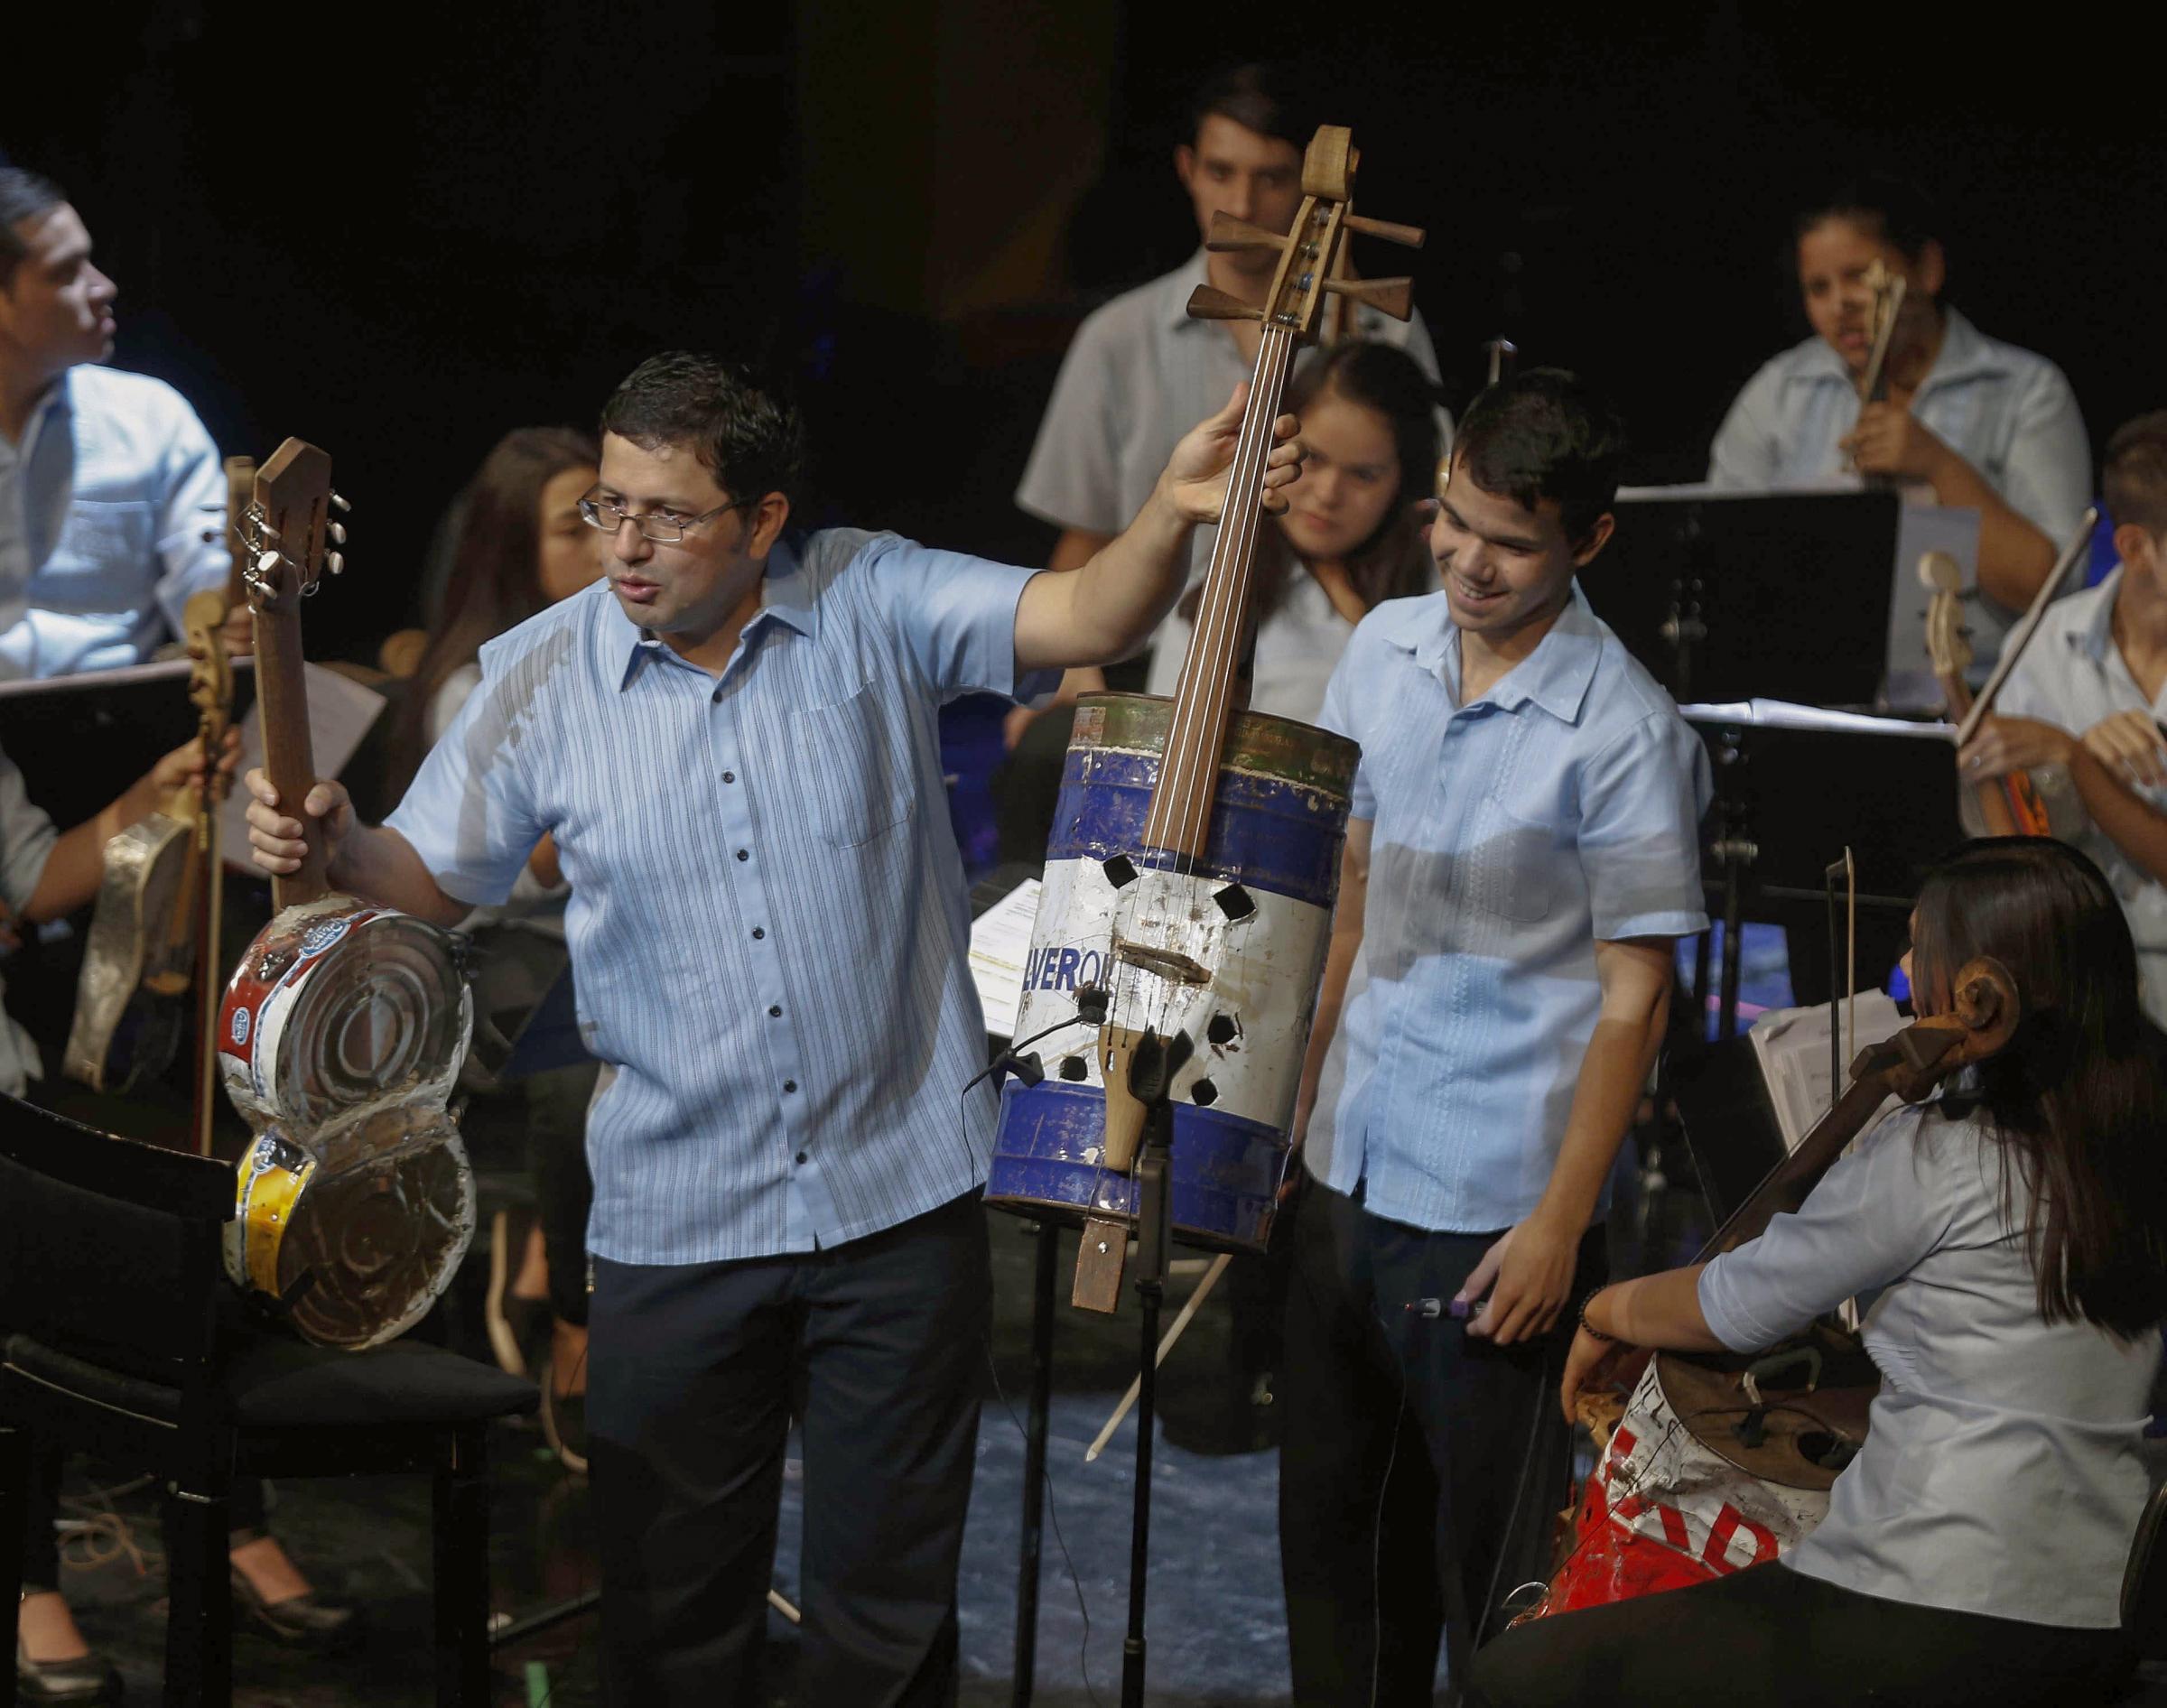 Festival di Sanremo 2017: ospiti i ragazzi dell'Orquestra de Reciclados con gli strumenti creati dalla spazzatura